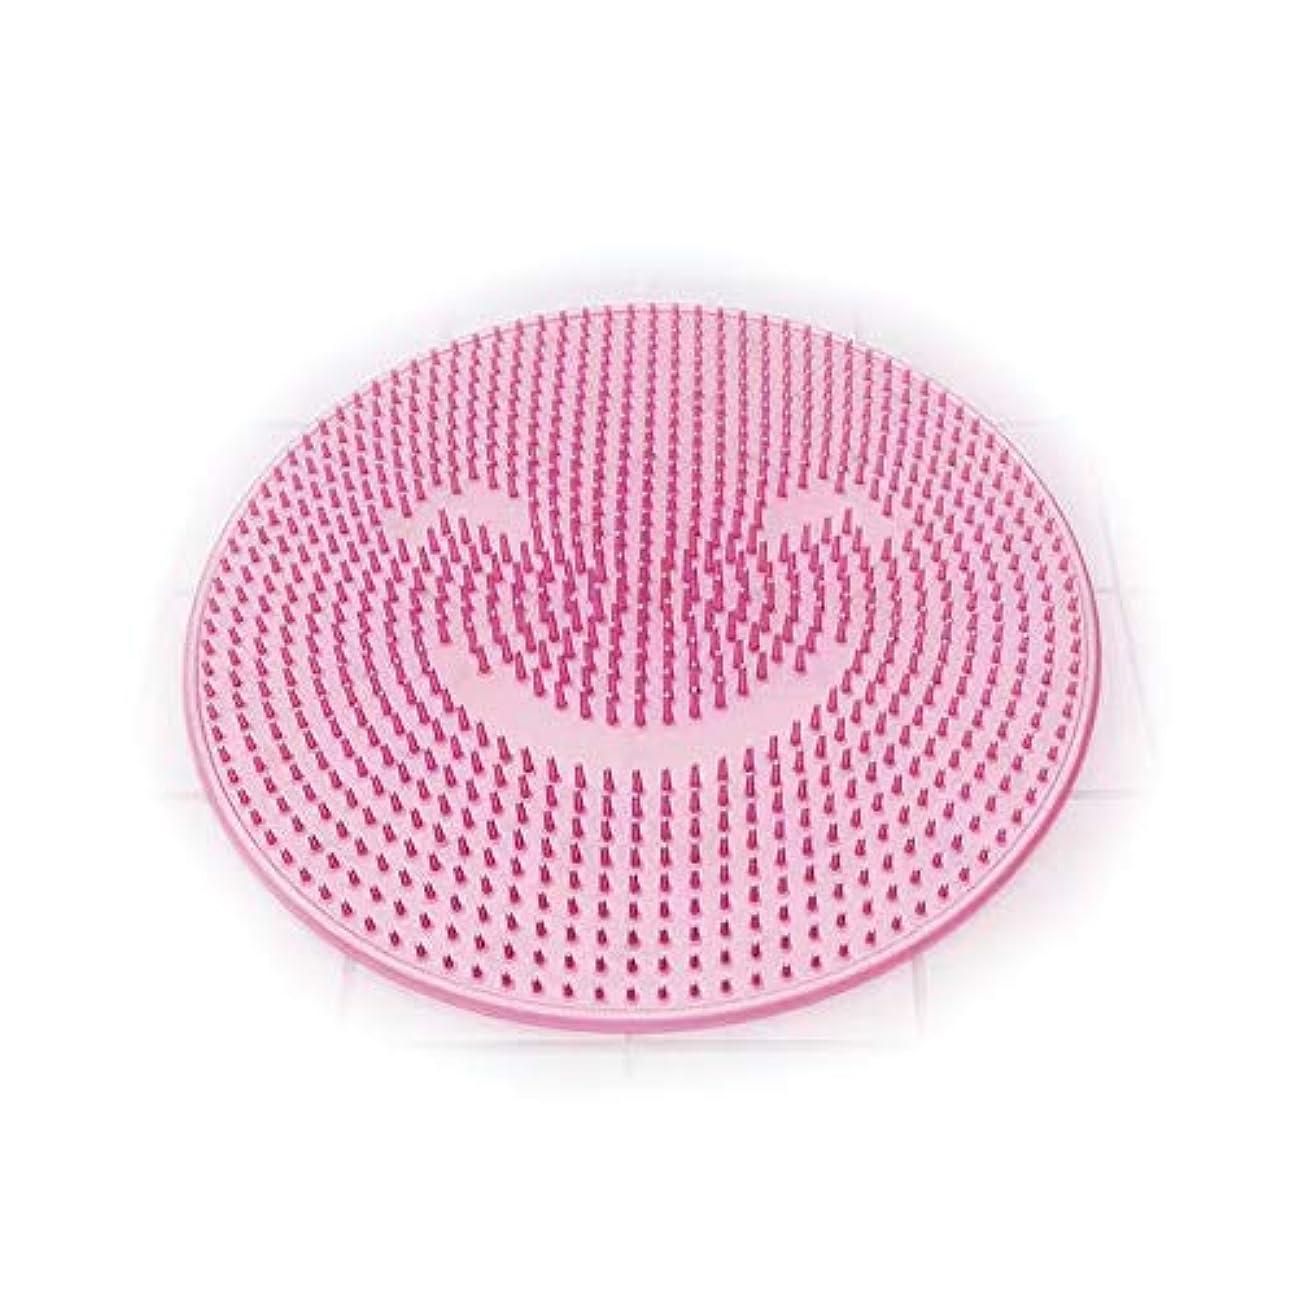 不条理エンジニアリング歪めるSHOOTING 足洗い用 バスマット 足洗いマット フット 汚れ角質除去 ストレス解消 (ピンク)